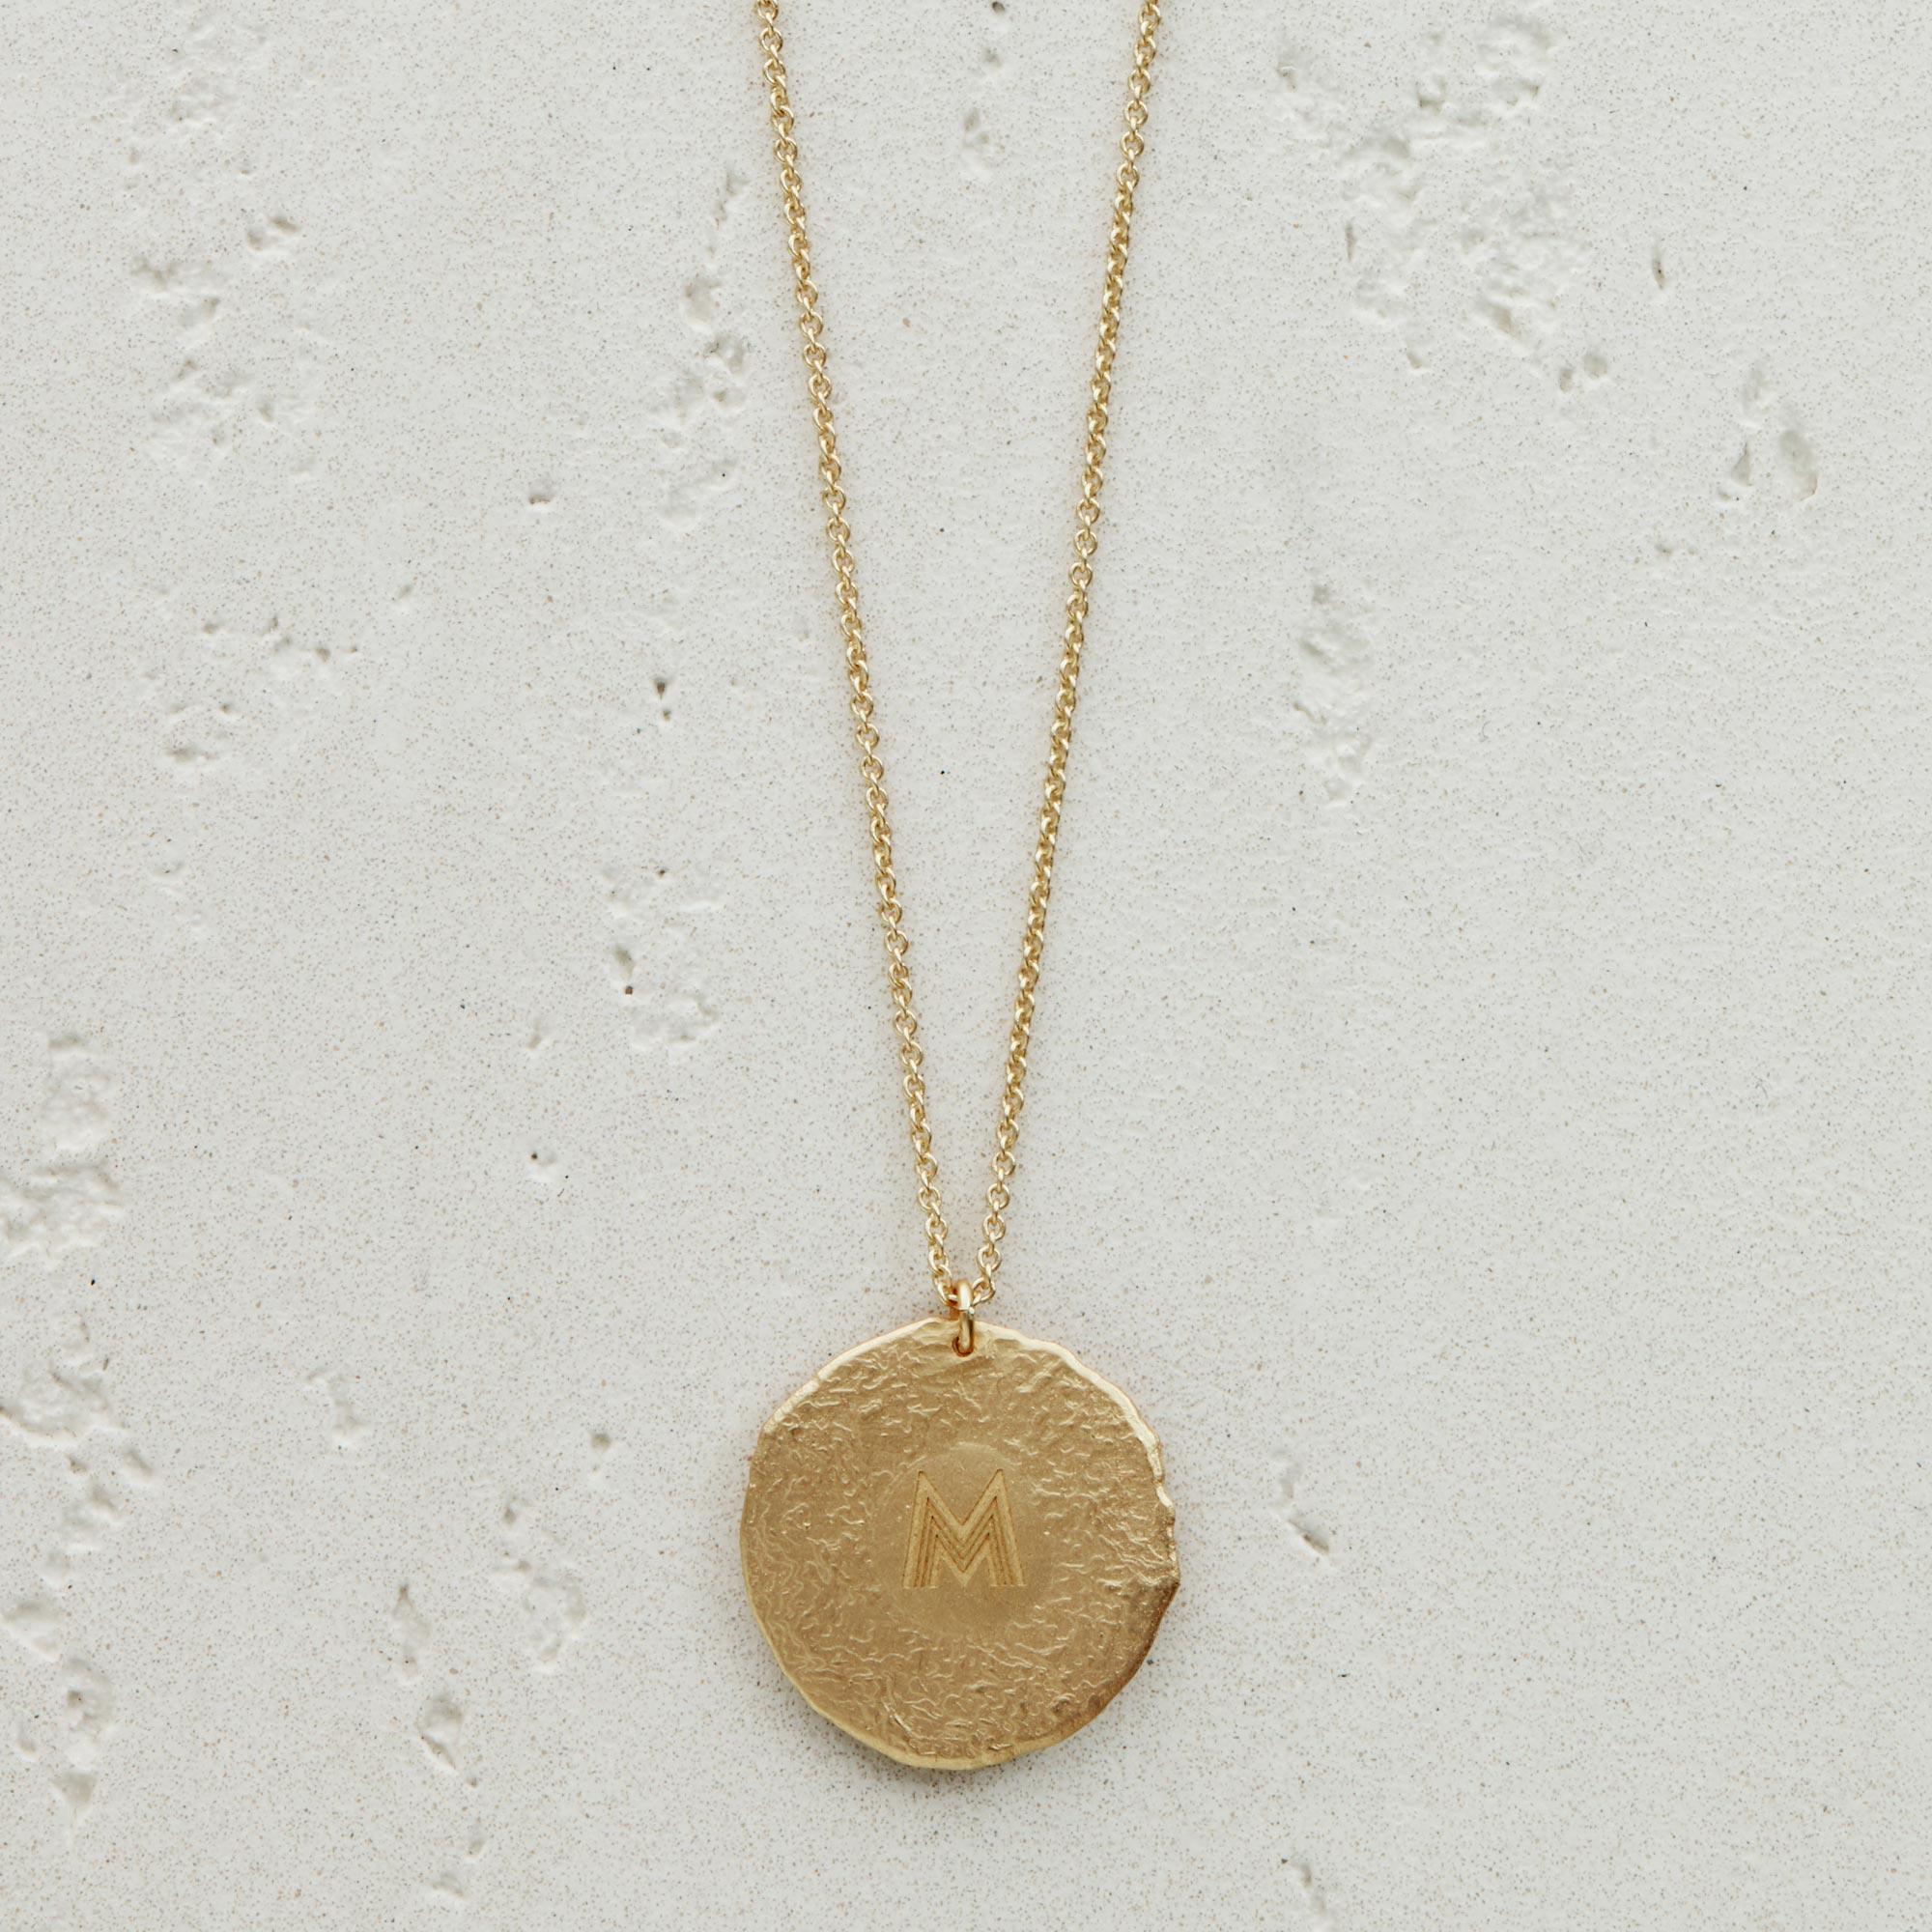 Aquarius Astro necklace - Gold